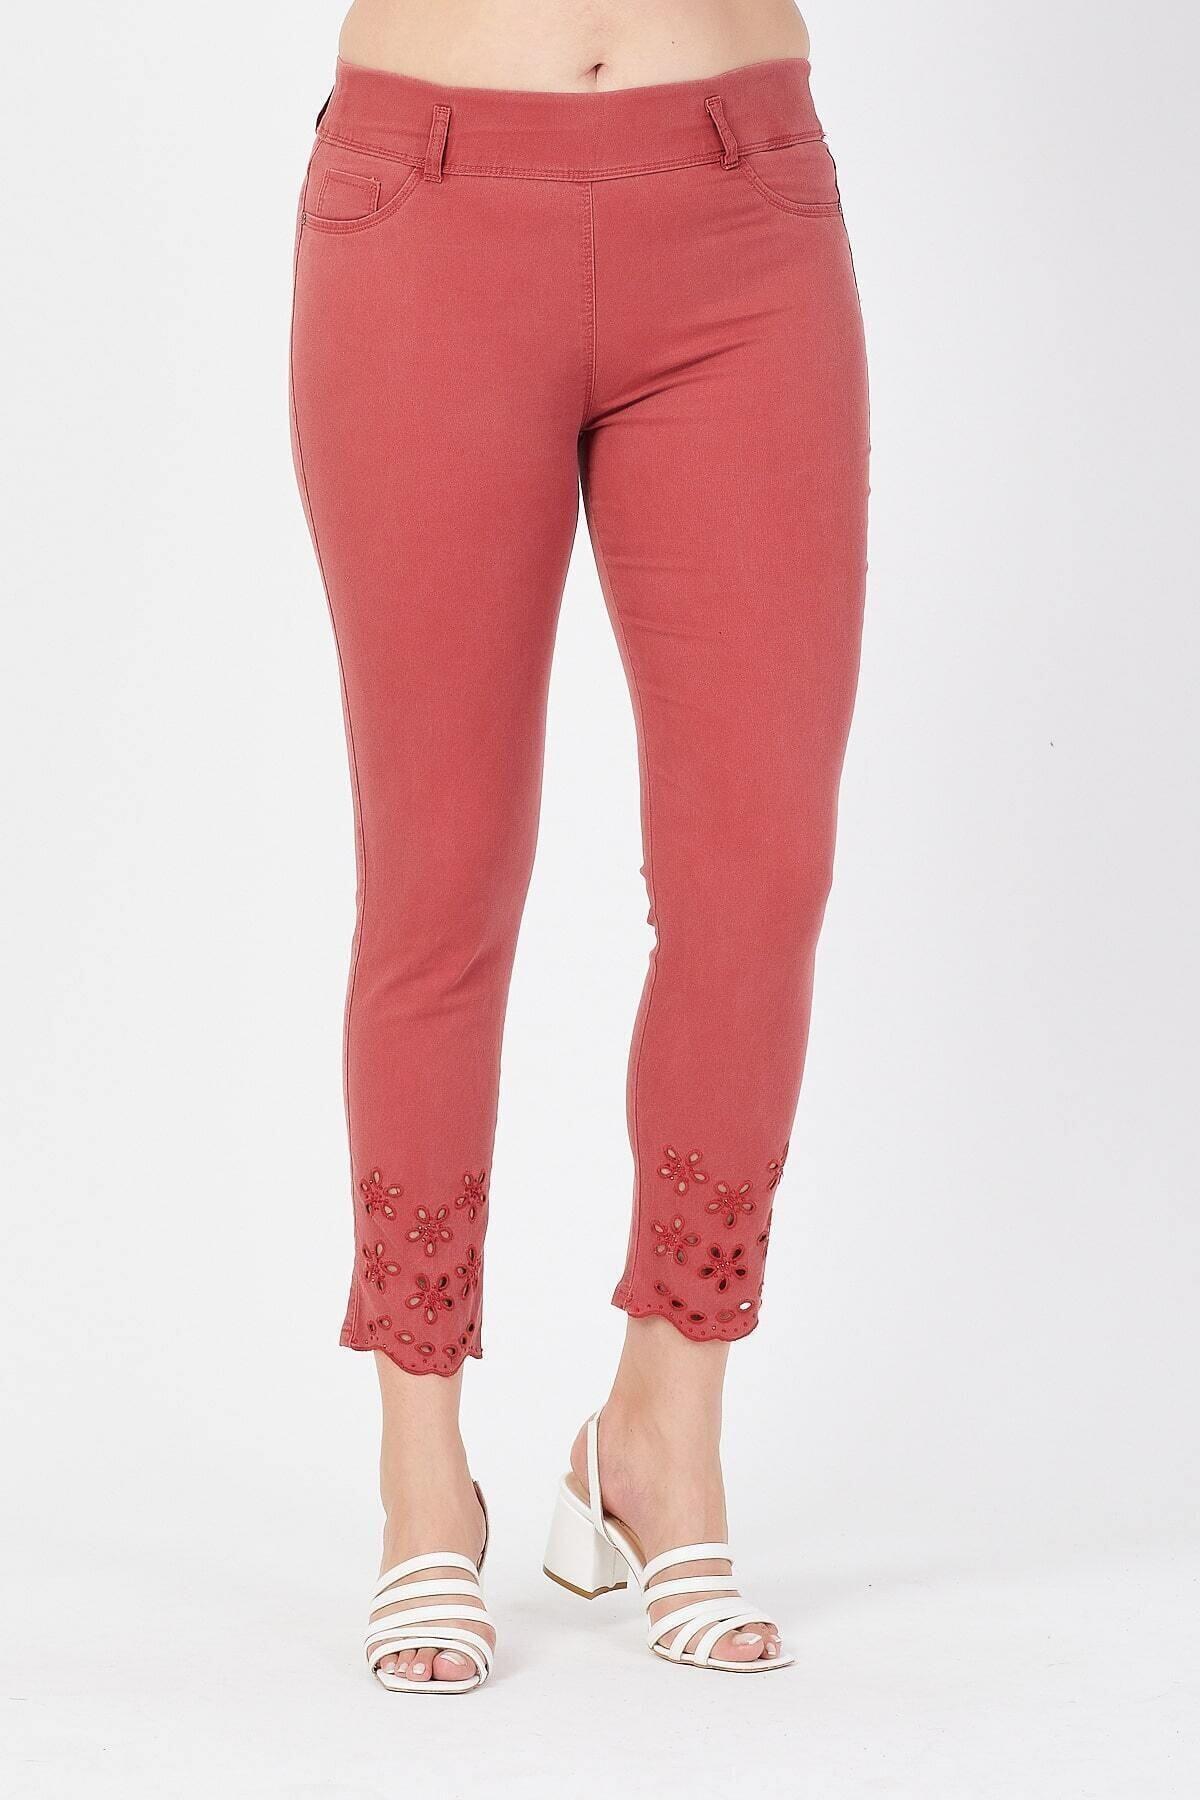 Siyezen Kadın Turuncu Büyük Beden Paçası Nakışlı Toparlayıcı Pantolon 1